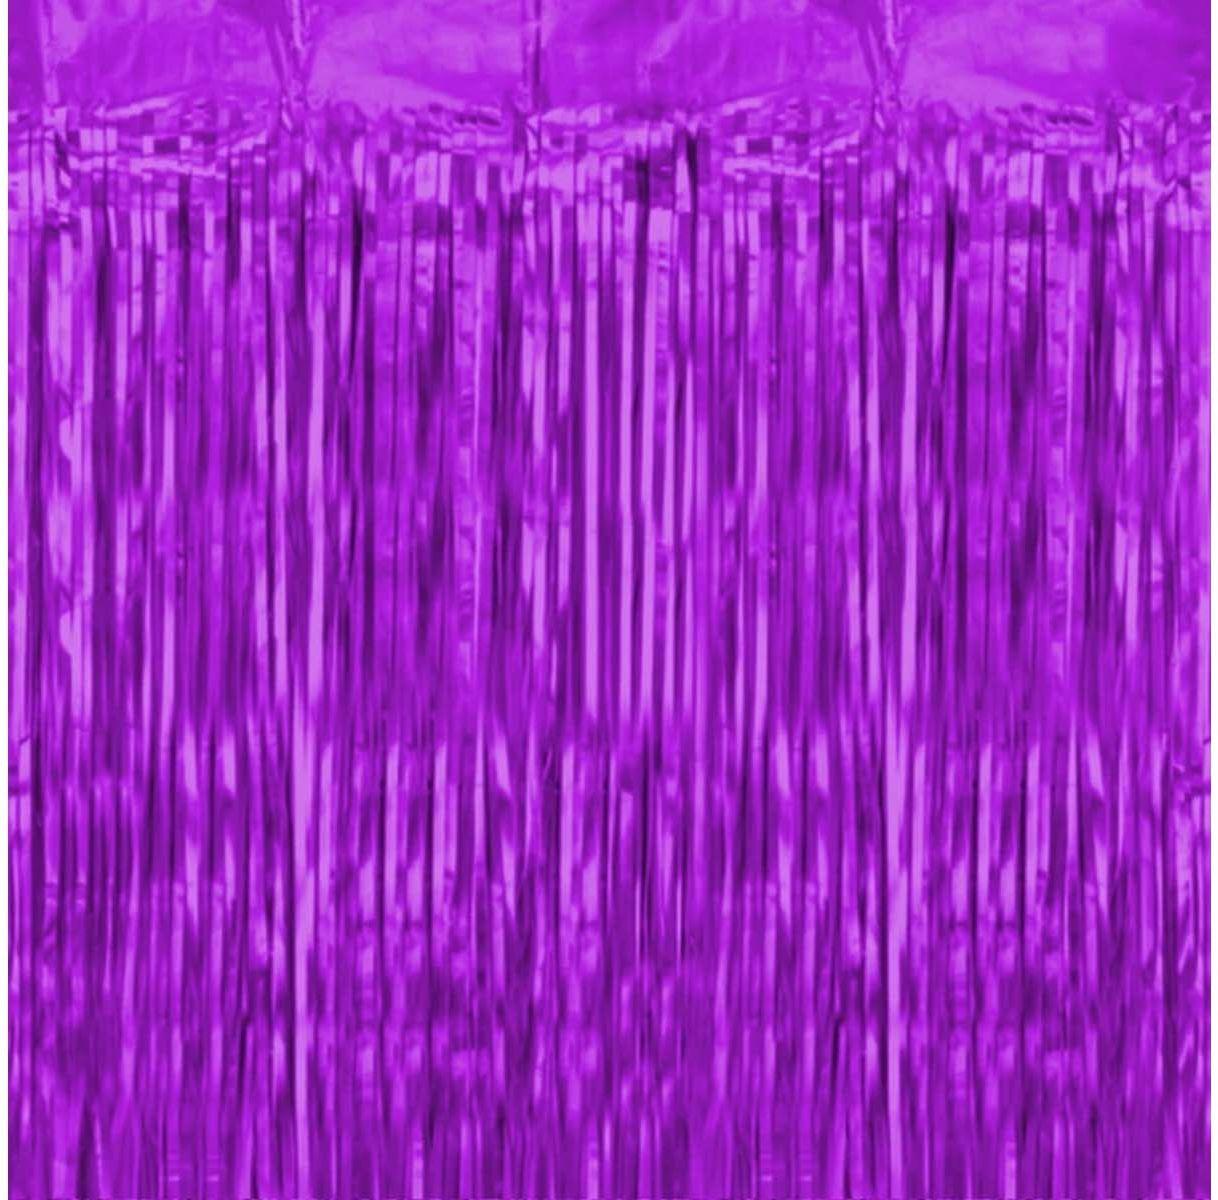 Kurtyna - zasłona na drzwi fioletowa - 100 x 250 cm